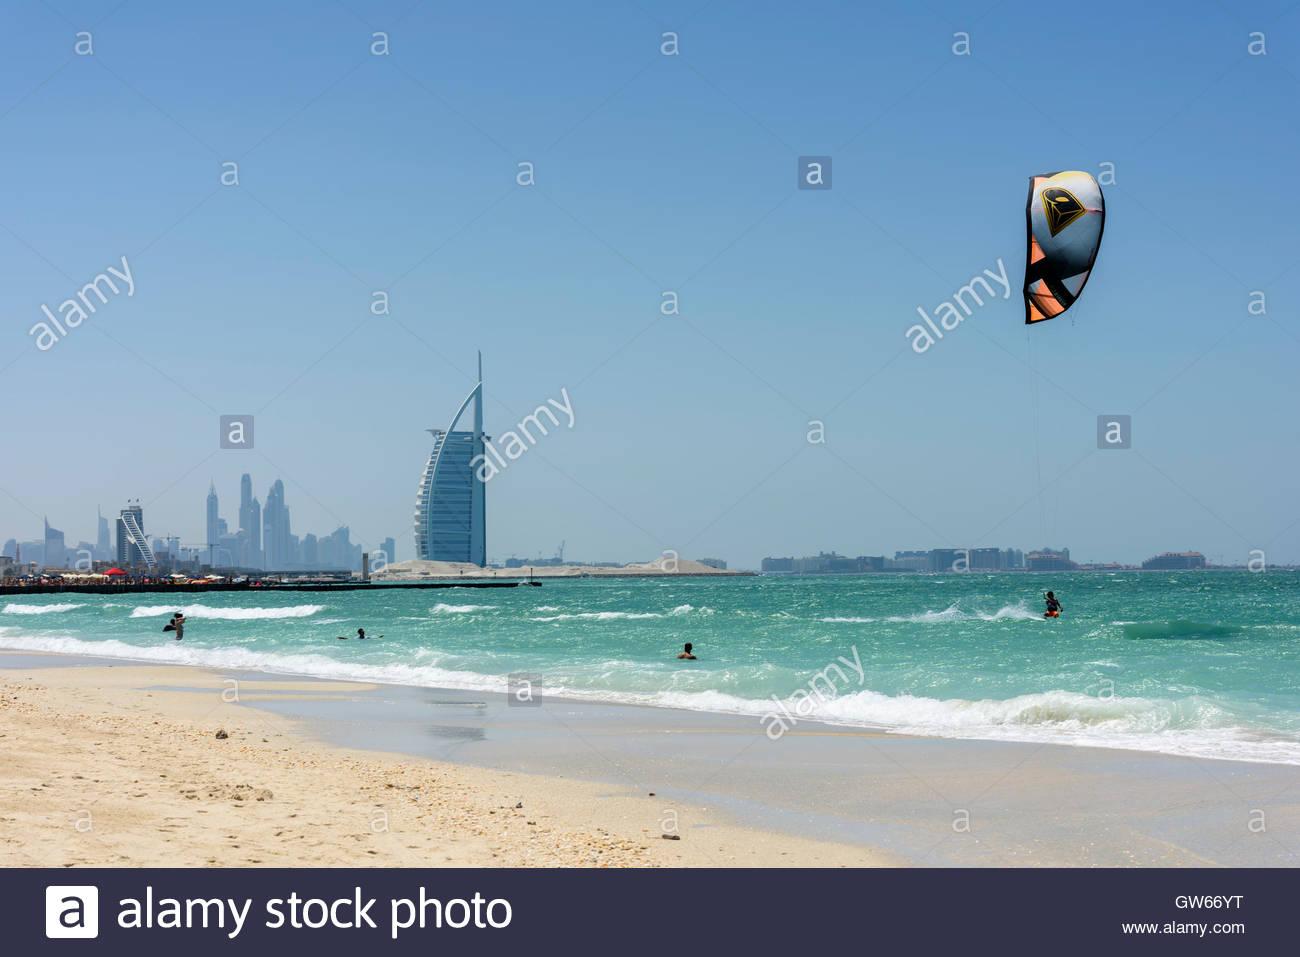 Kite Surf en Dubai con el famoso Burj Al Arab hotel en segundo plano. Ningún modelo/lanzamientos inmobiliarios. Foto de stock